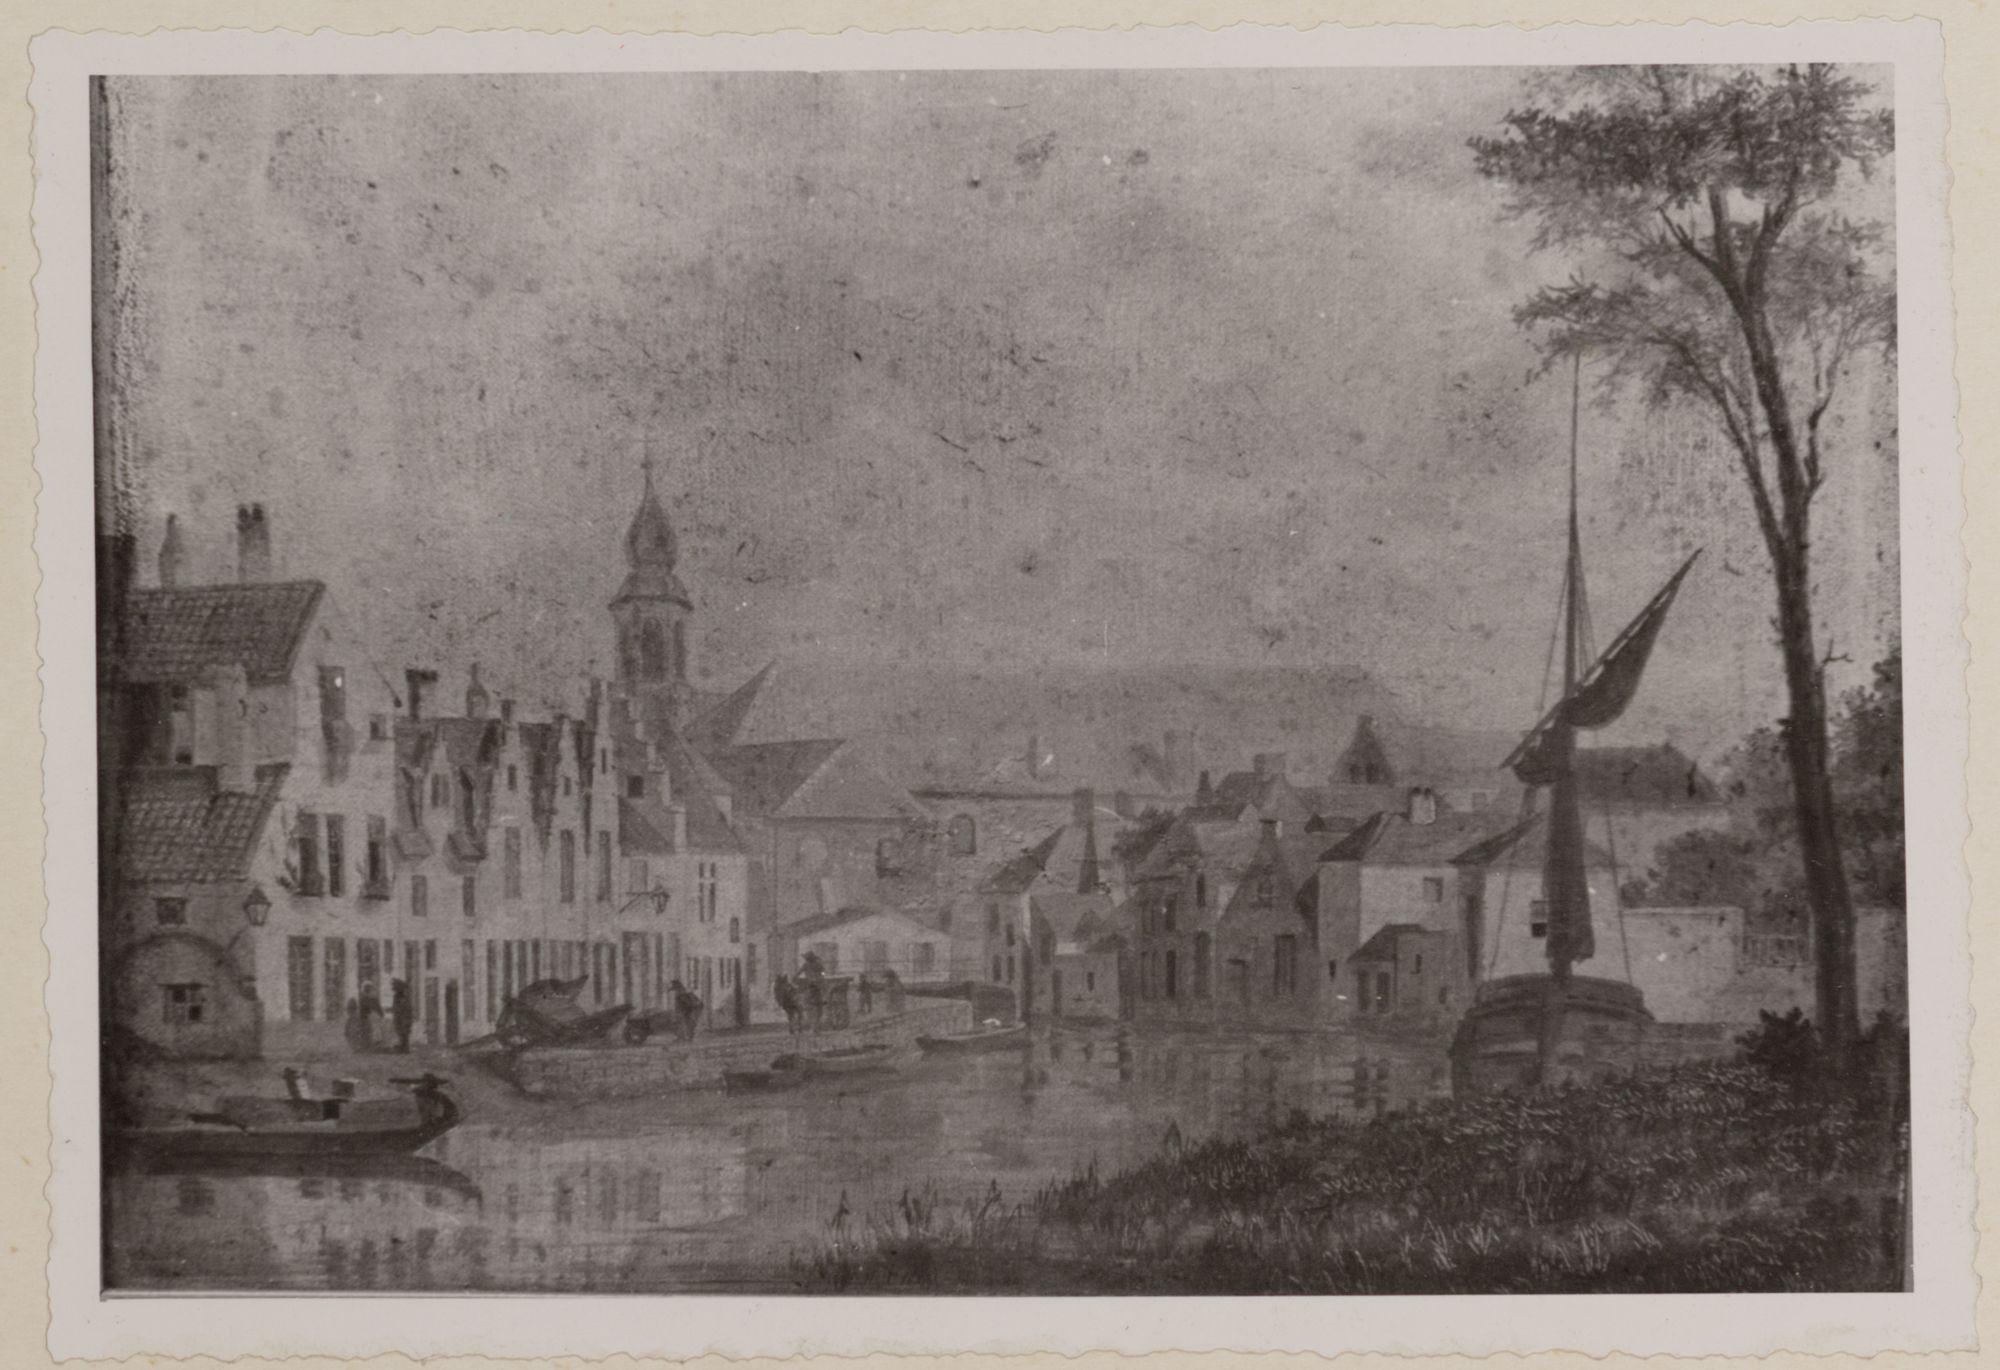 Gent: Tekening van de Lieve